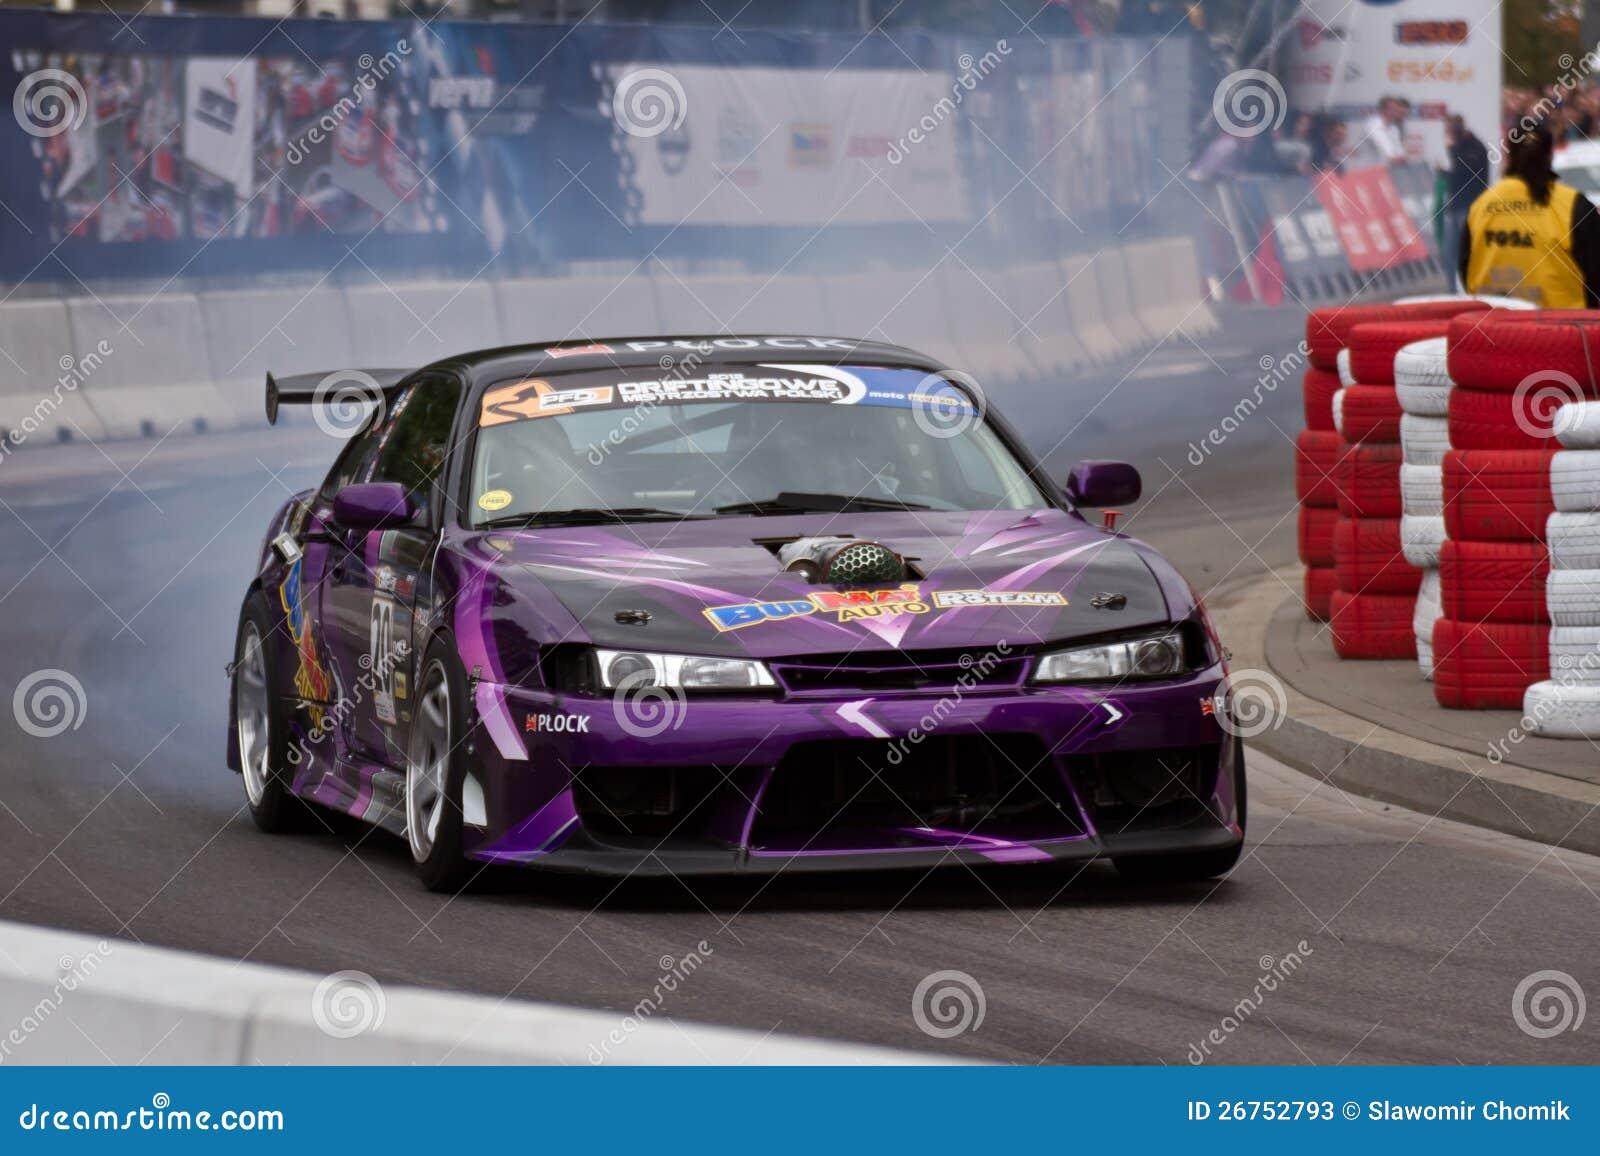 Verva Street Racing 2012 - Racing Car Editorial Stock Photo - Image ...